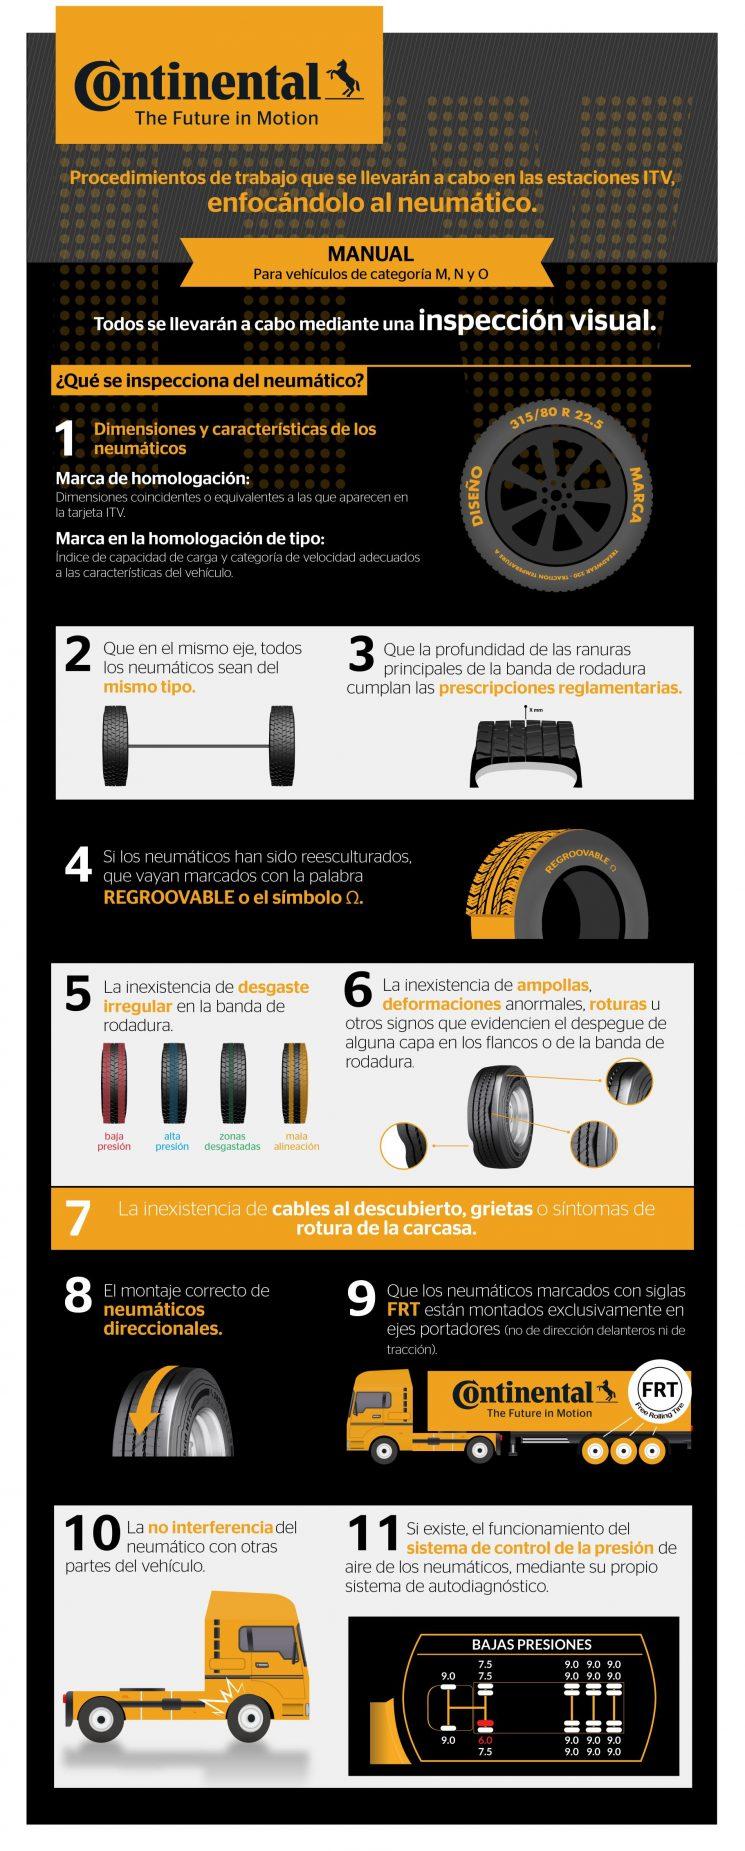 Continental edita una guía sobre el control de los neumáticos en carretera